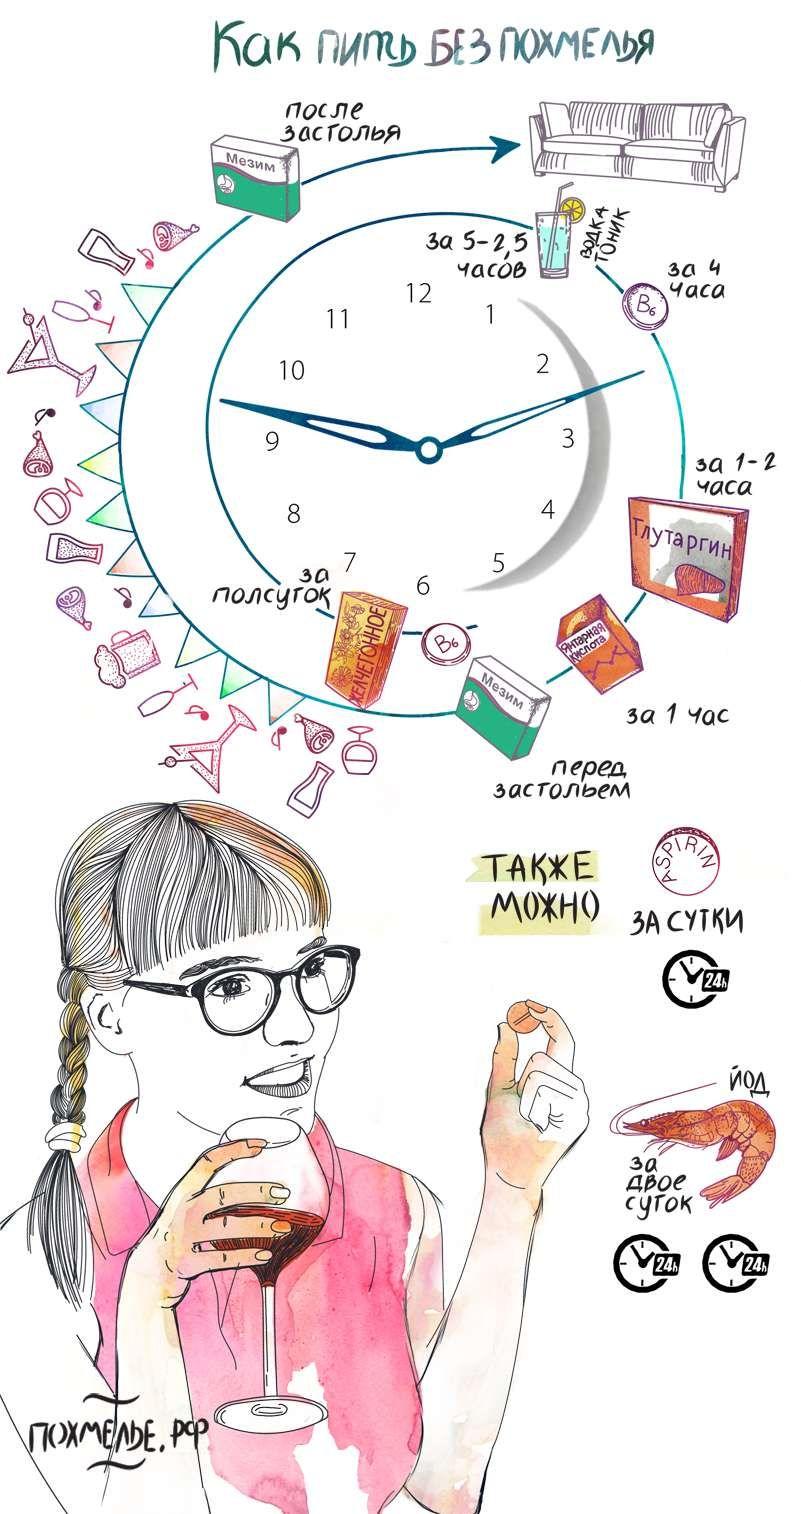 Похмелье за час статистика лечения наркомании